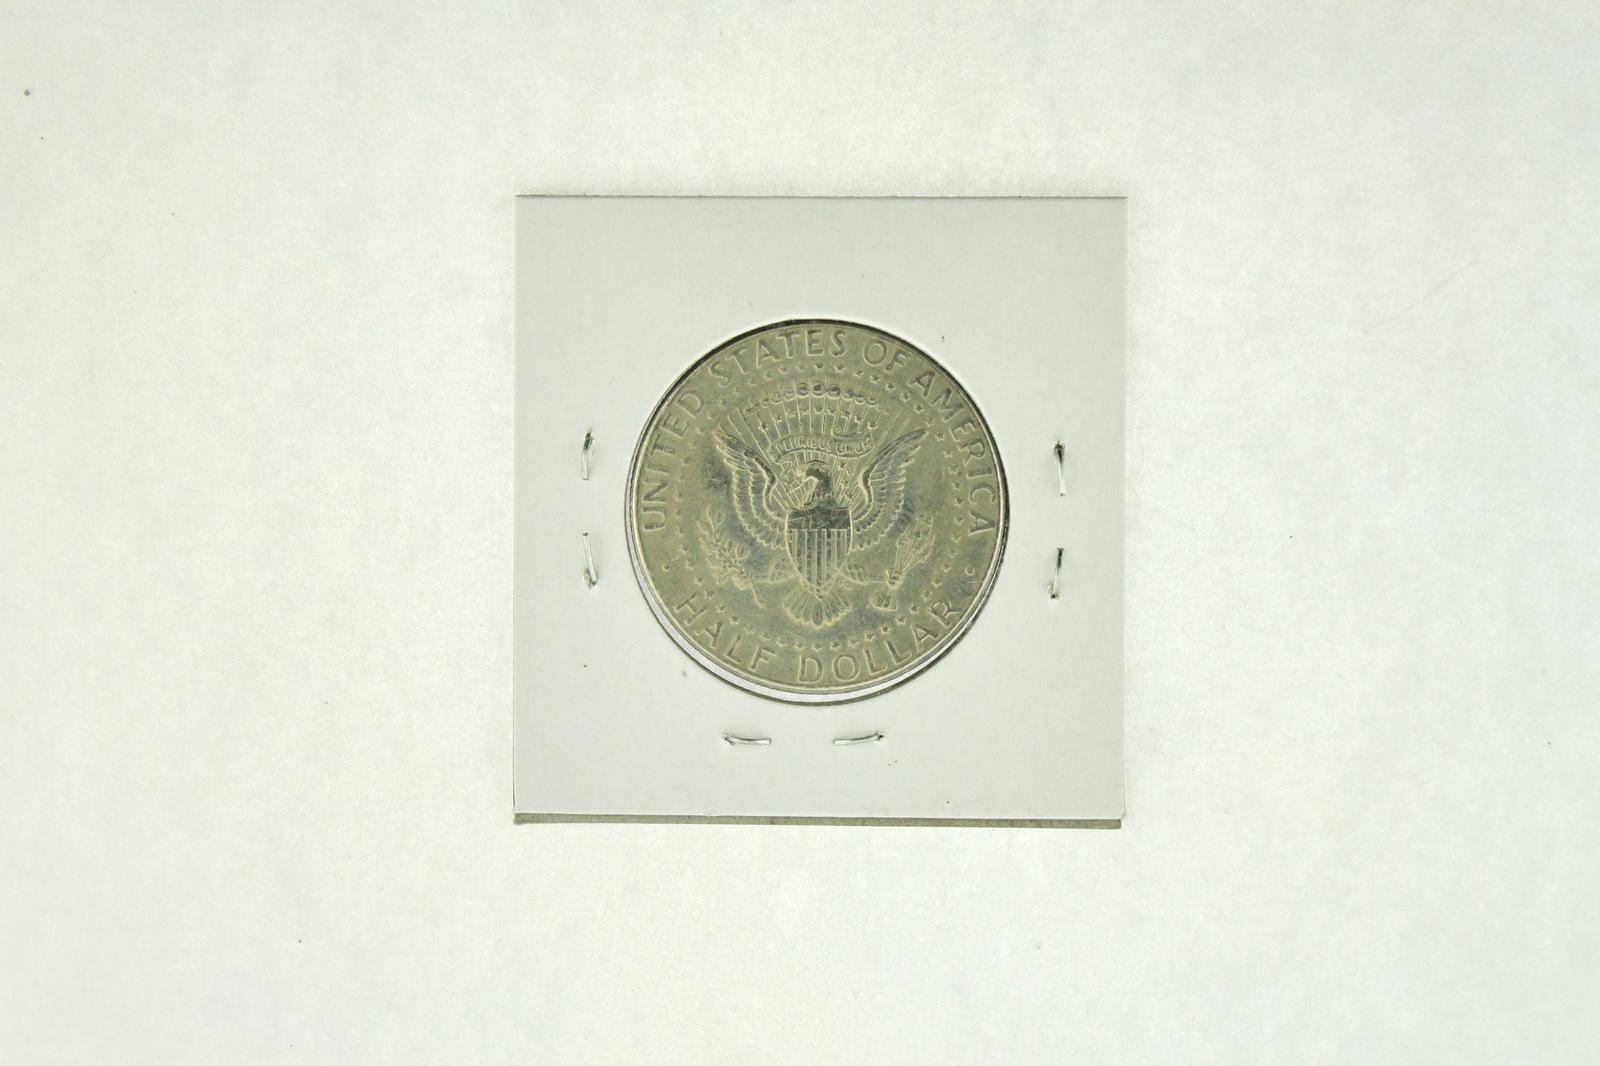 2000-D Kennedy Half Dollar (F) Fine N2-4008-10